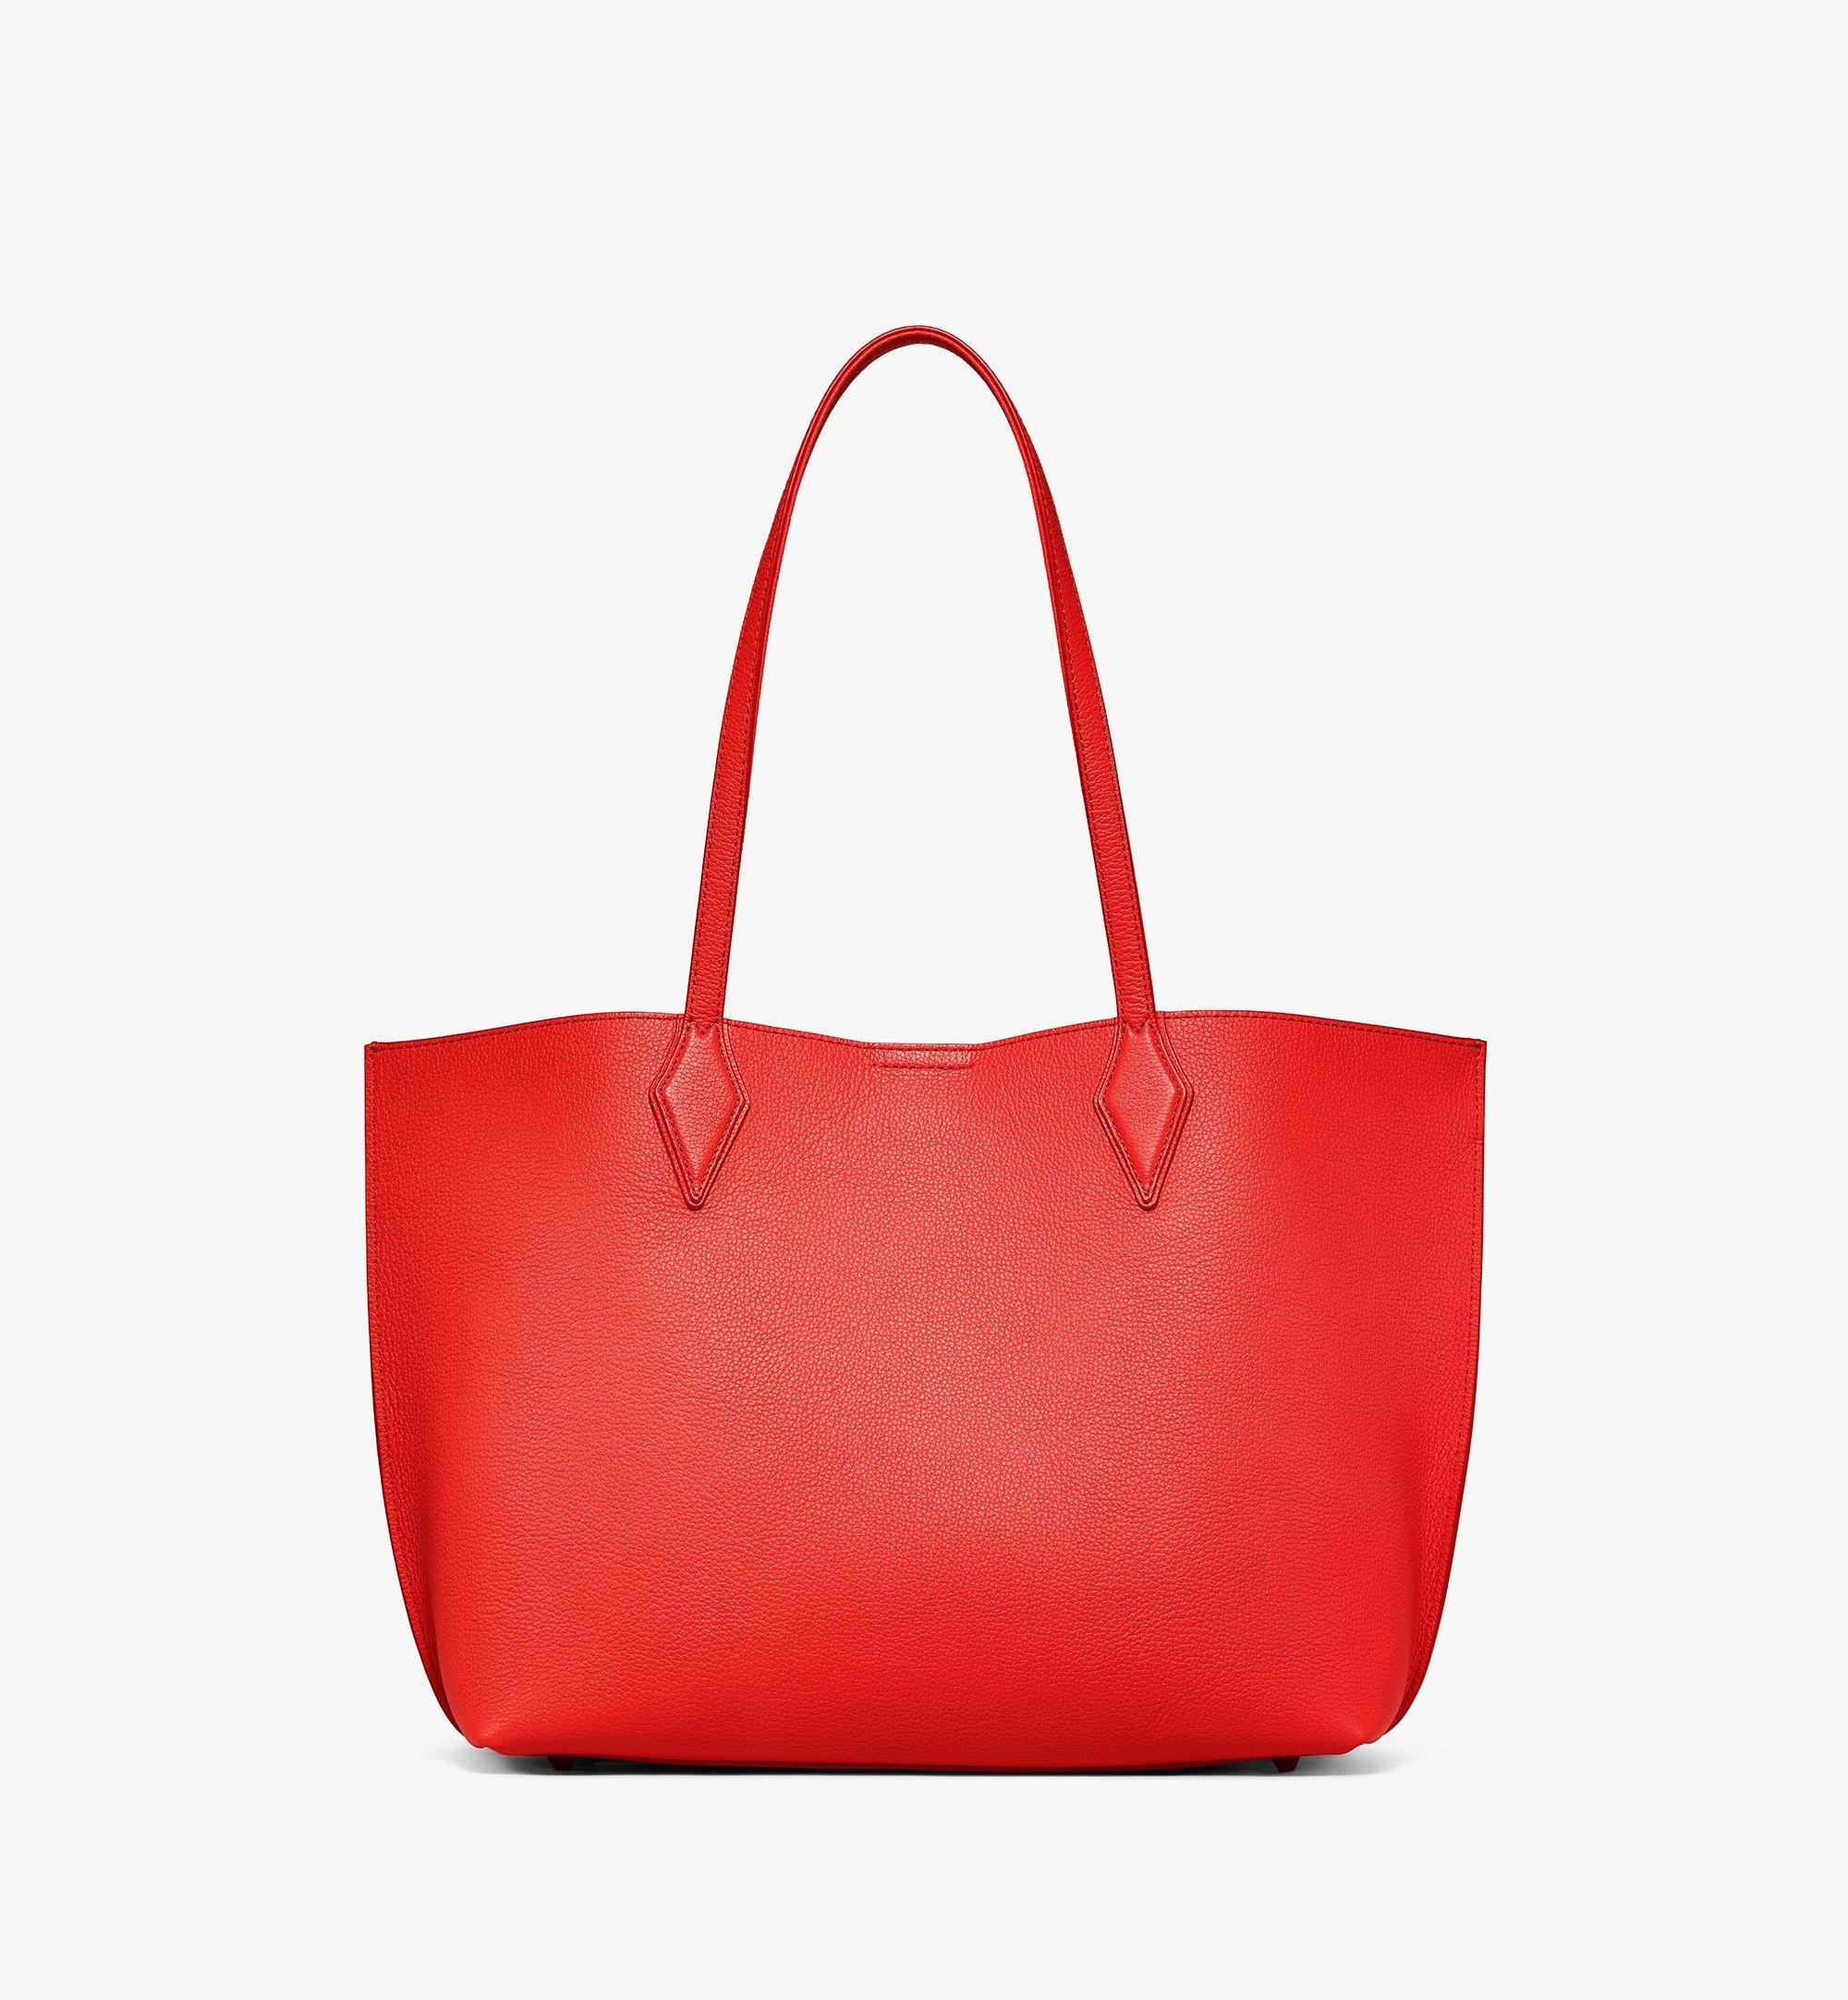 MCM Yris Tani 皮革購物袋 Red MWPBSYS01R8001 更多視圖 3